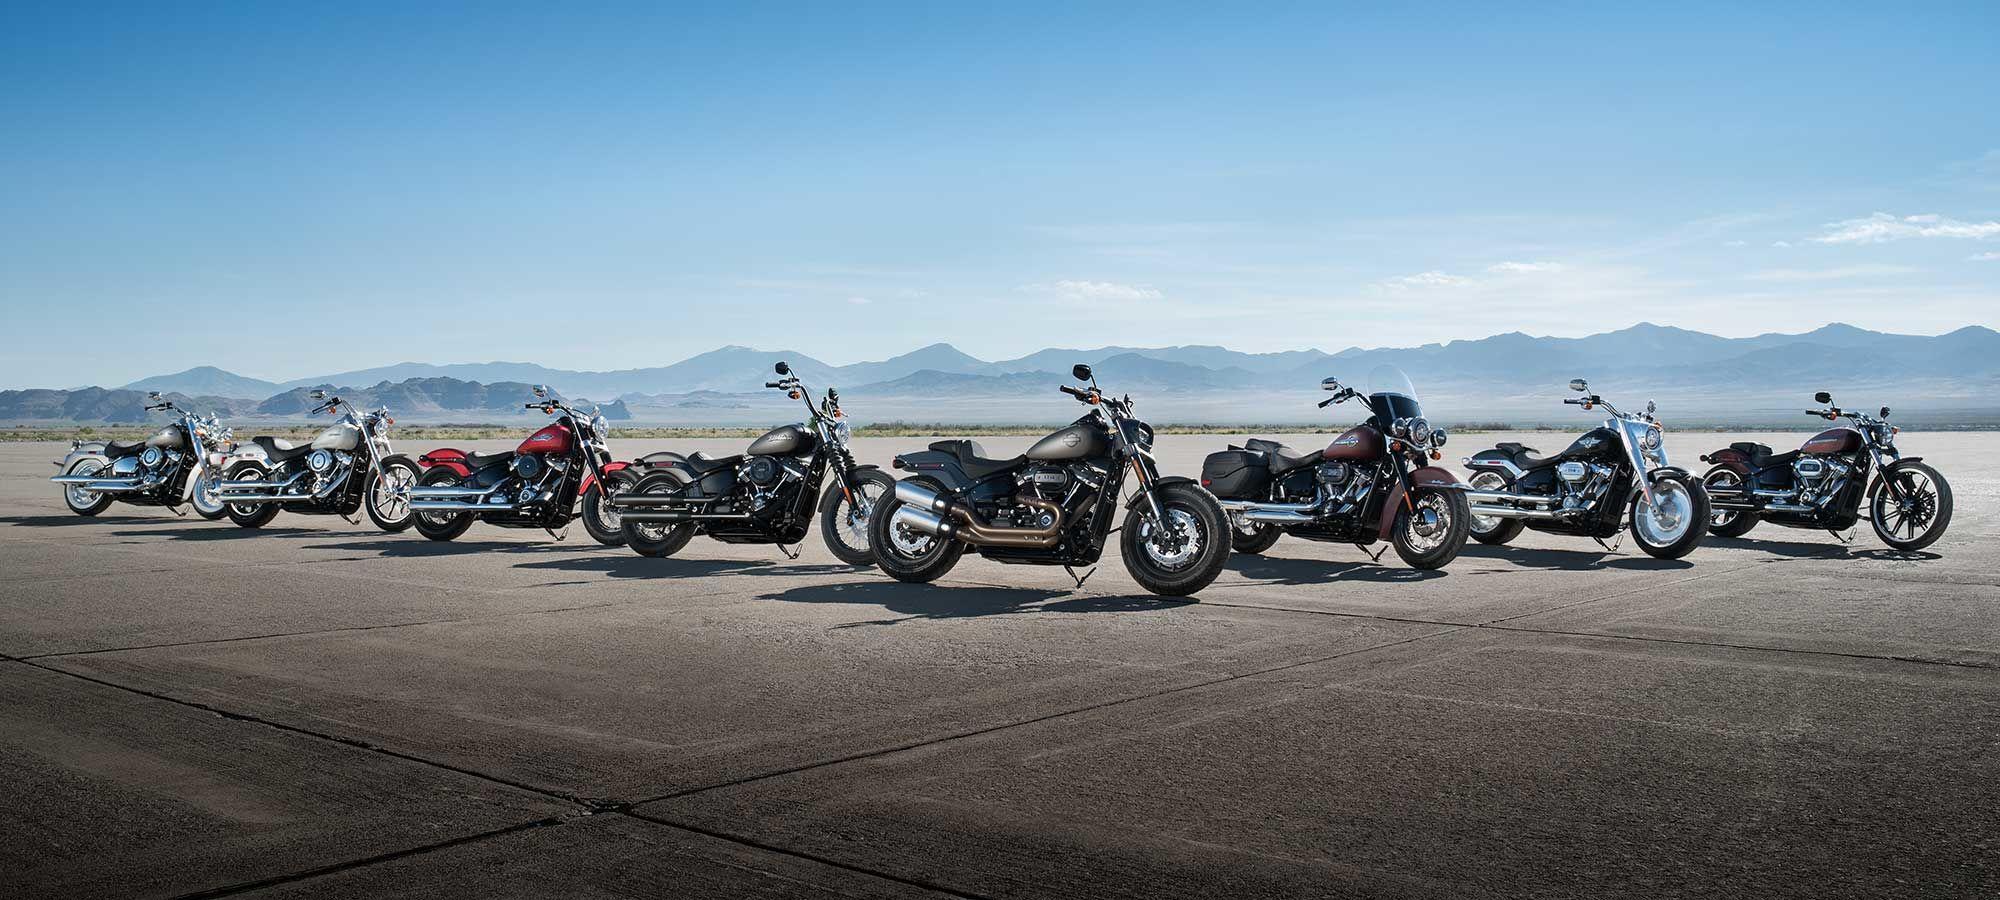 Harley-Davidson's New 2018 Softails Offer Huge Improvements